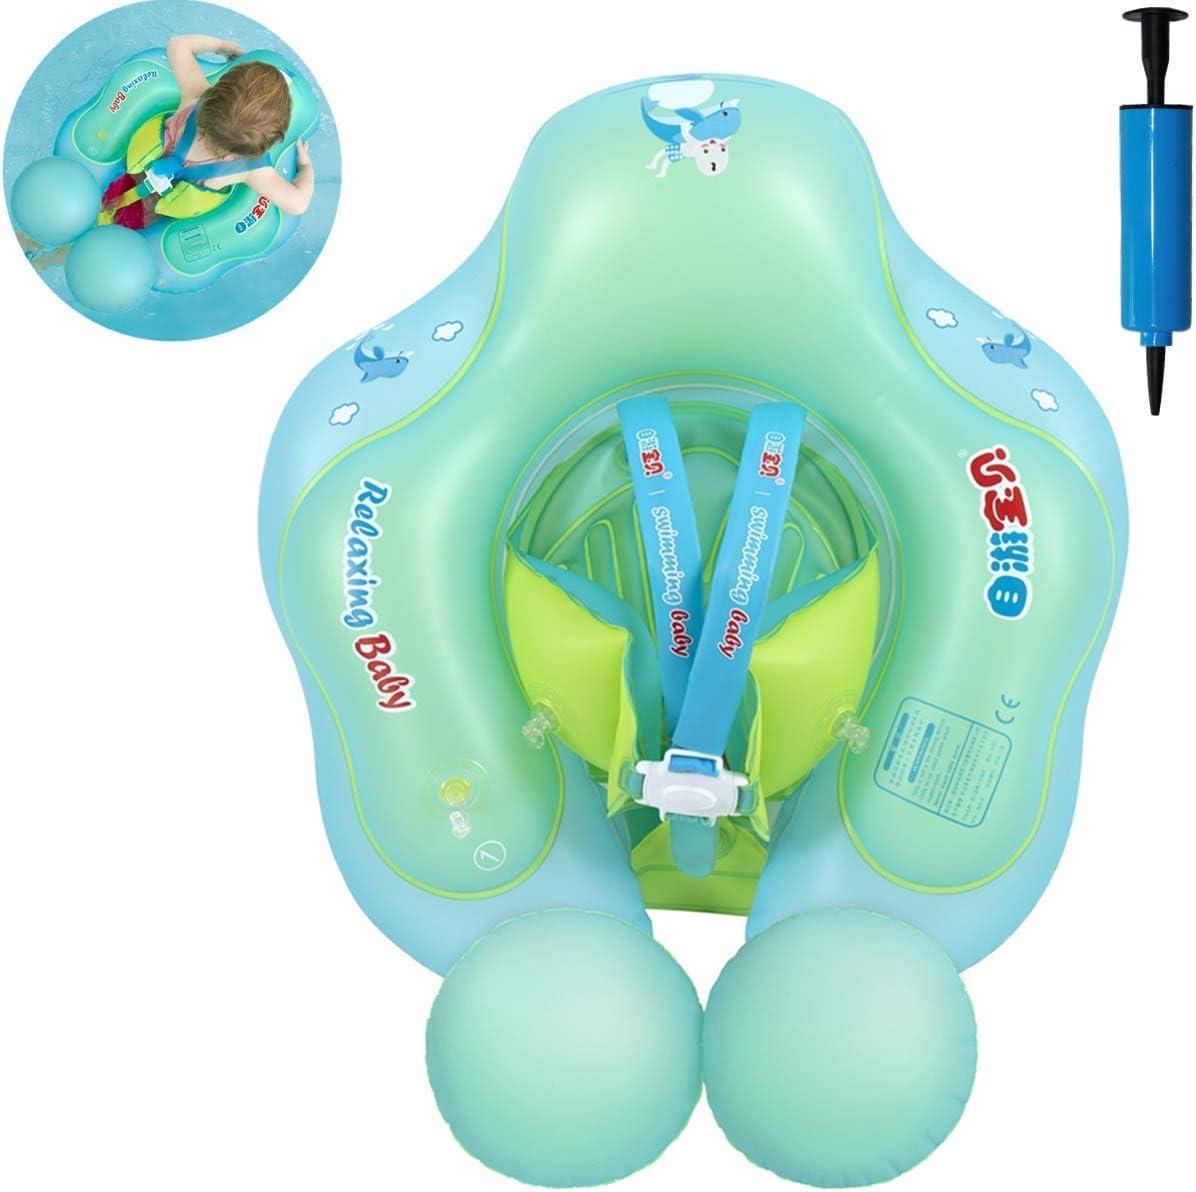 Myir Flotador bebé, Anillo de Natación para bebés de Piscina Flotador Inflable para Niños Flotador de Natación Nadar Anillo Cintura Ajustable (Azul, L)